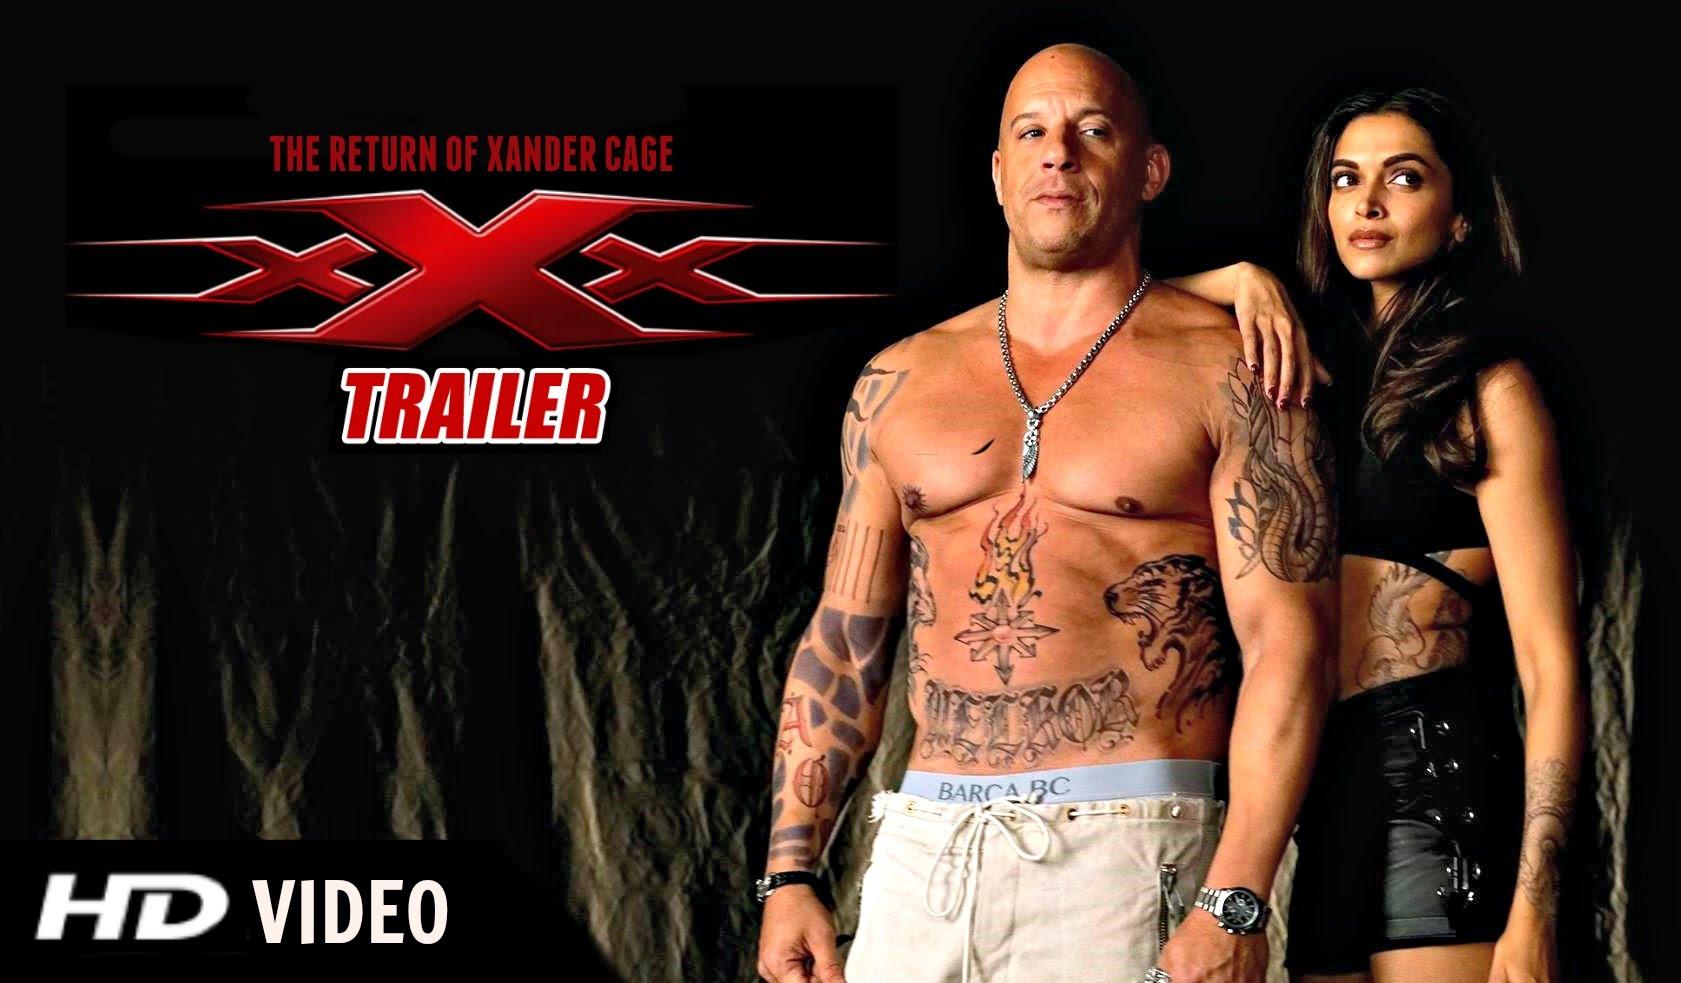 trader xxx photo